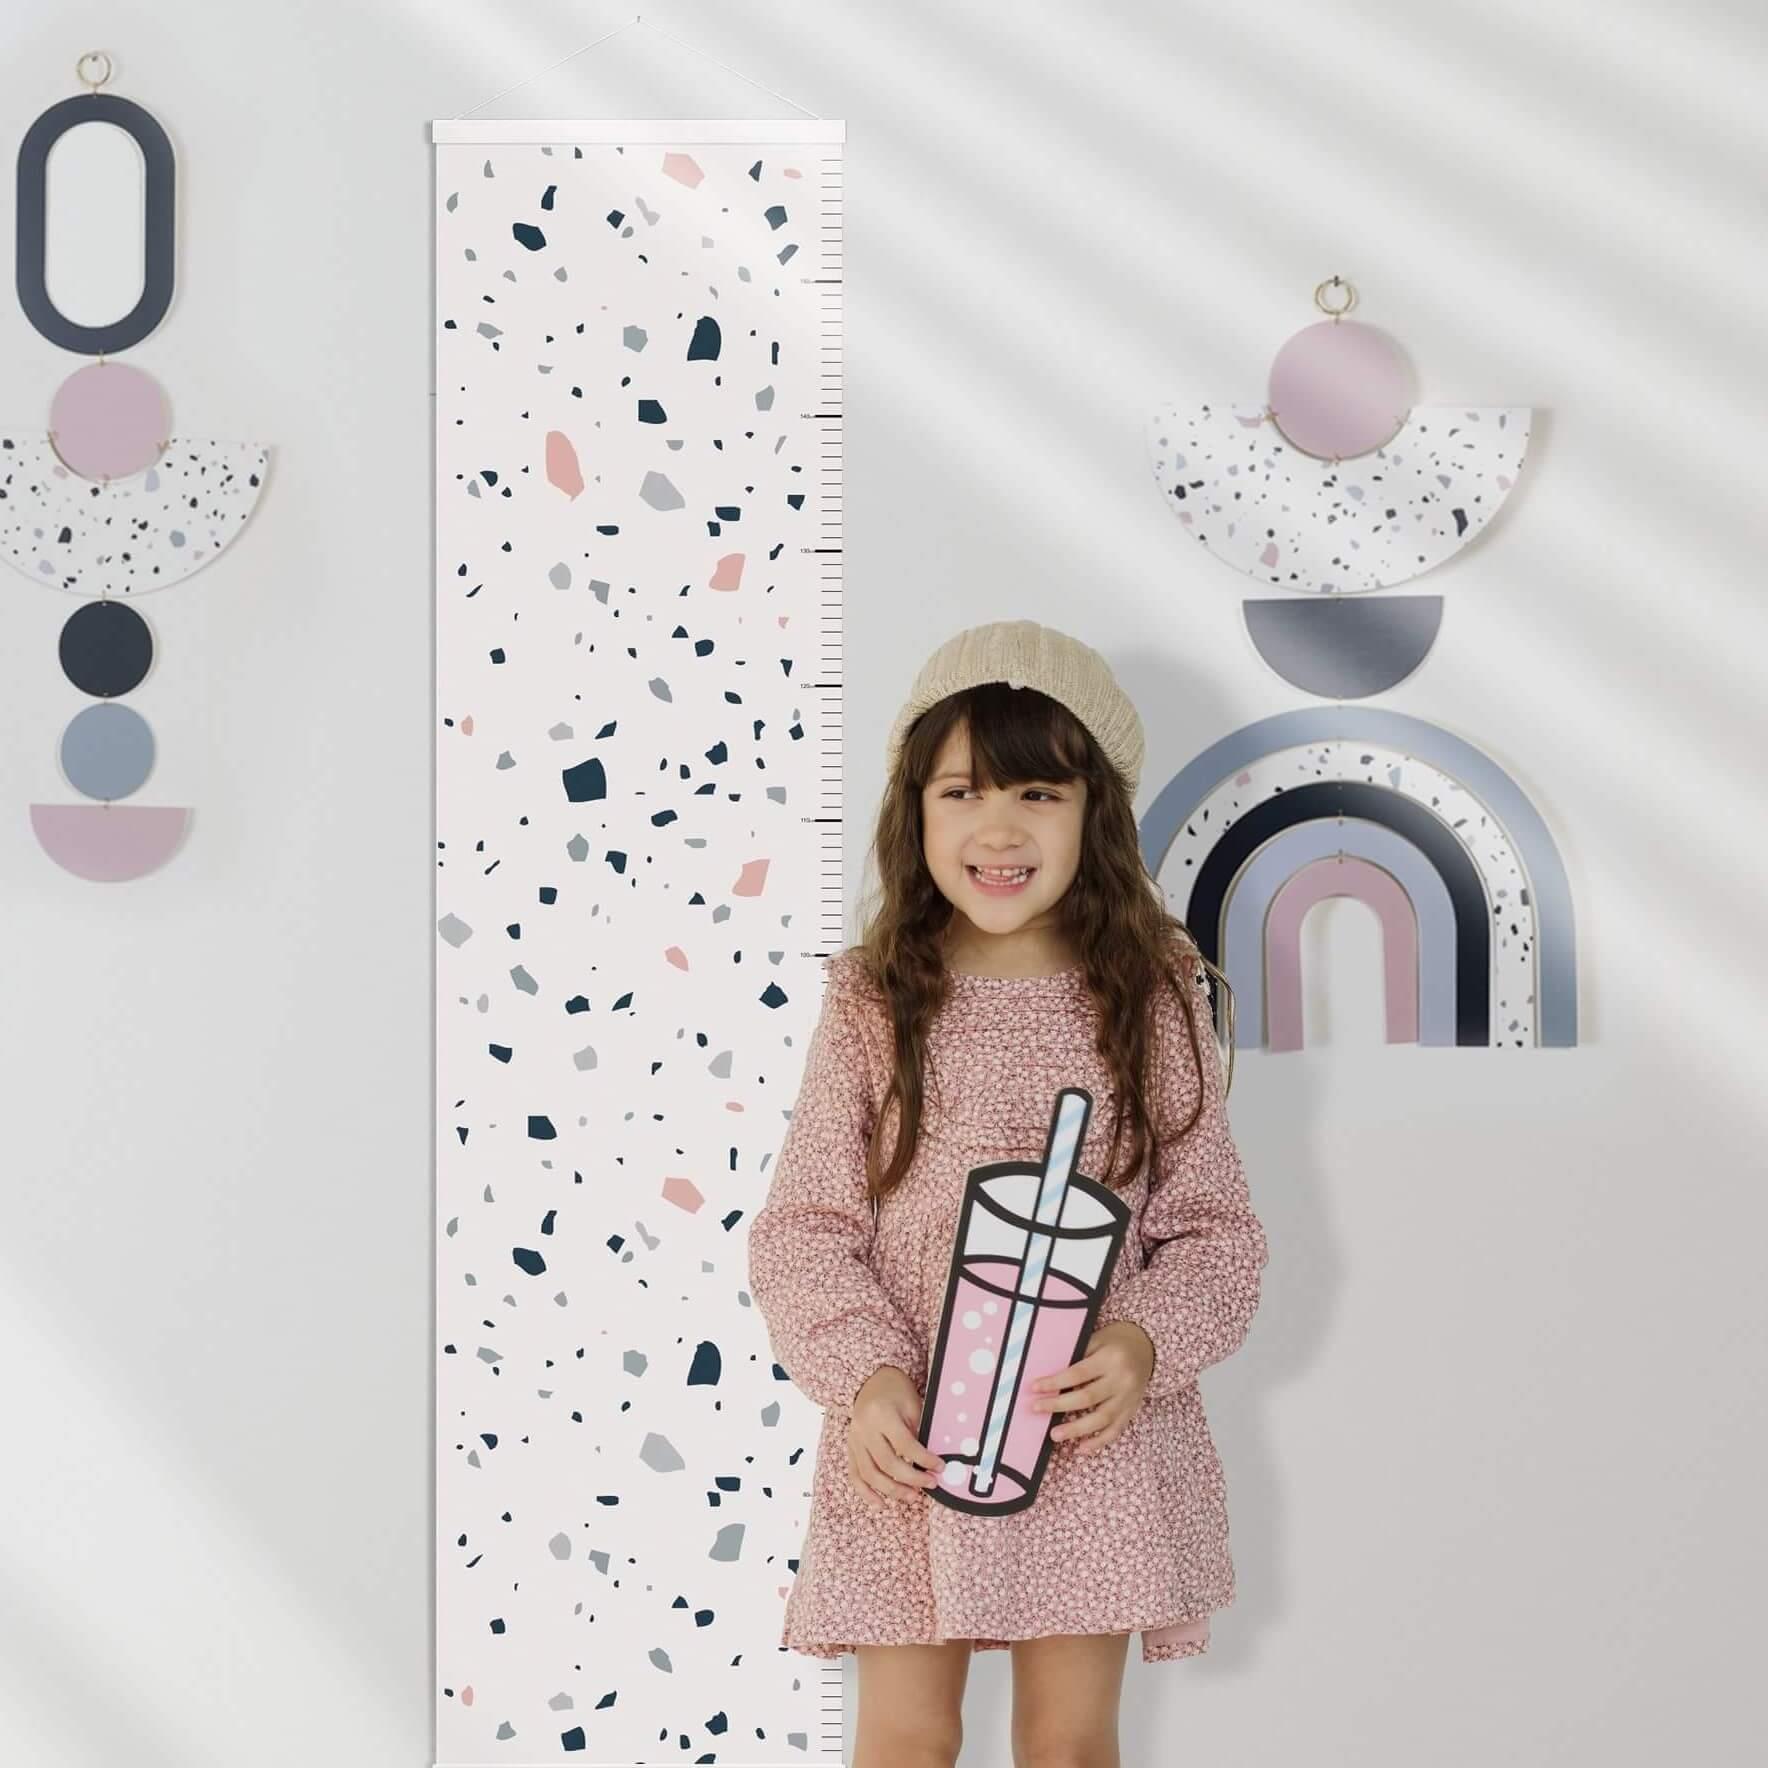 מד גובה לחדר ילדים דגם טרצו רקע לבן